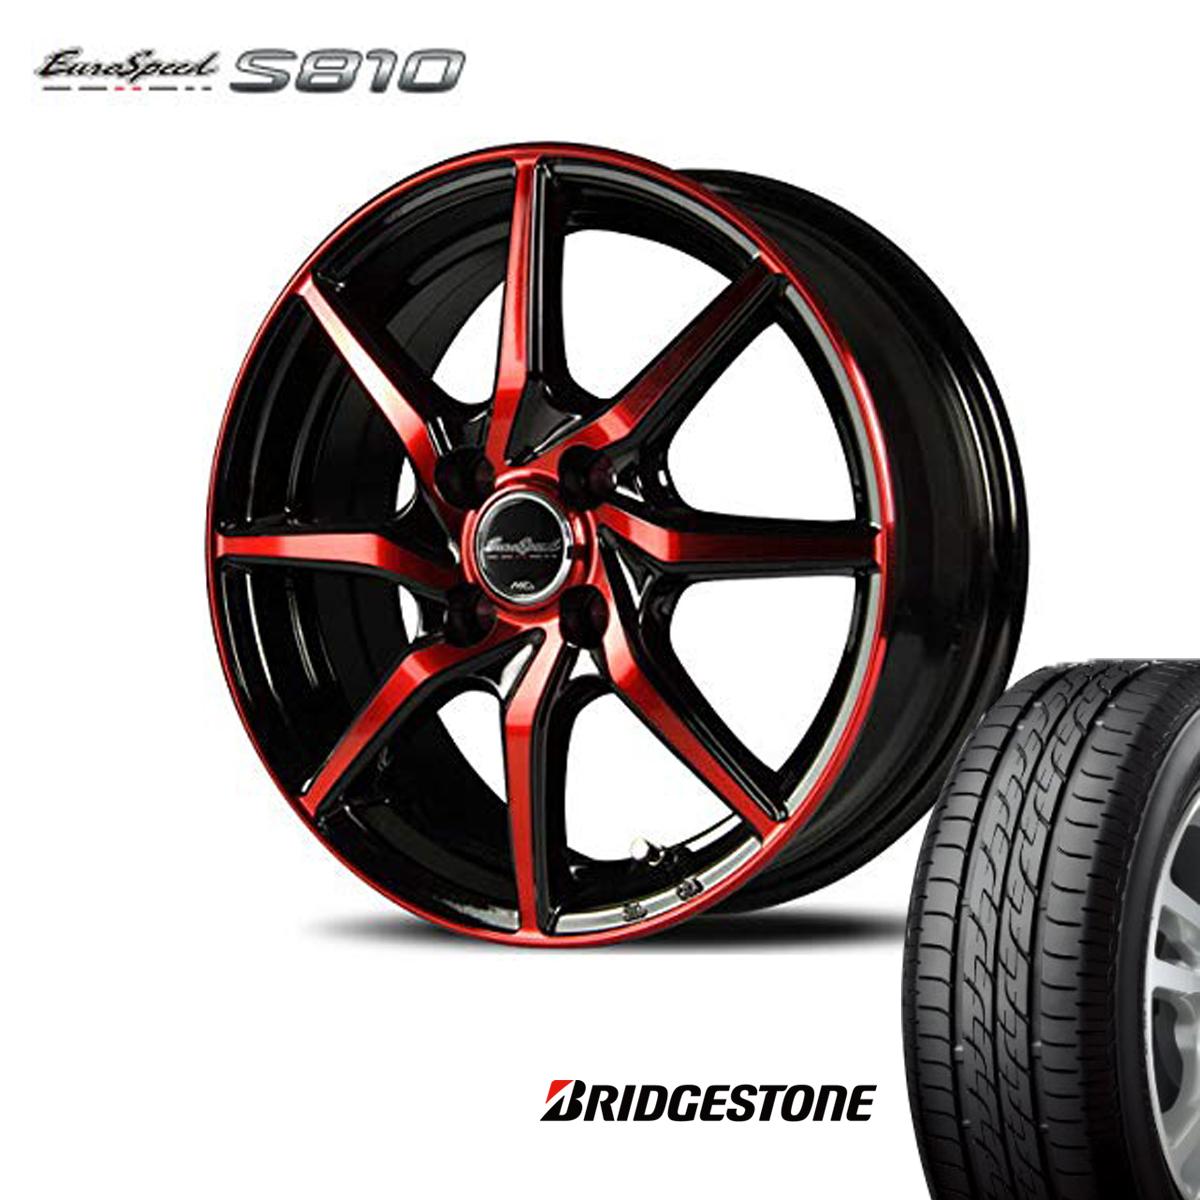 Euro Speed タイヤ ホイール セット 4本 15インチ 4H100 5.5J+45 ユーロスピード S810 マナレイ スポーツ ブリヂストン 185/65R15 185 65 15